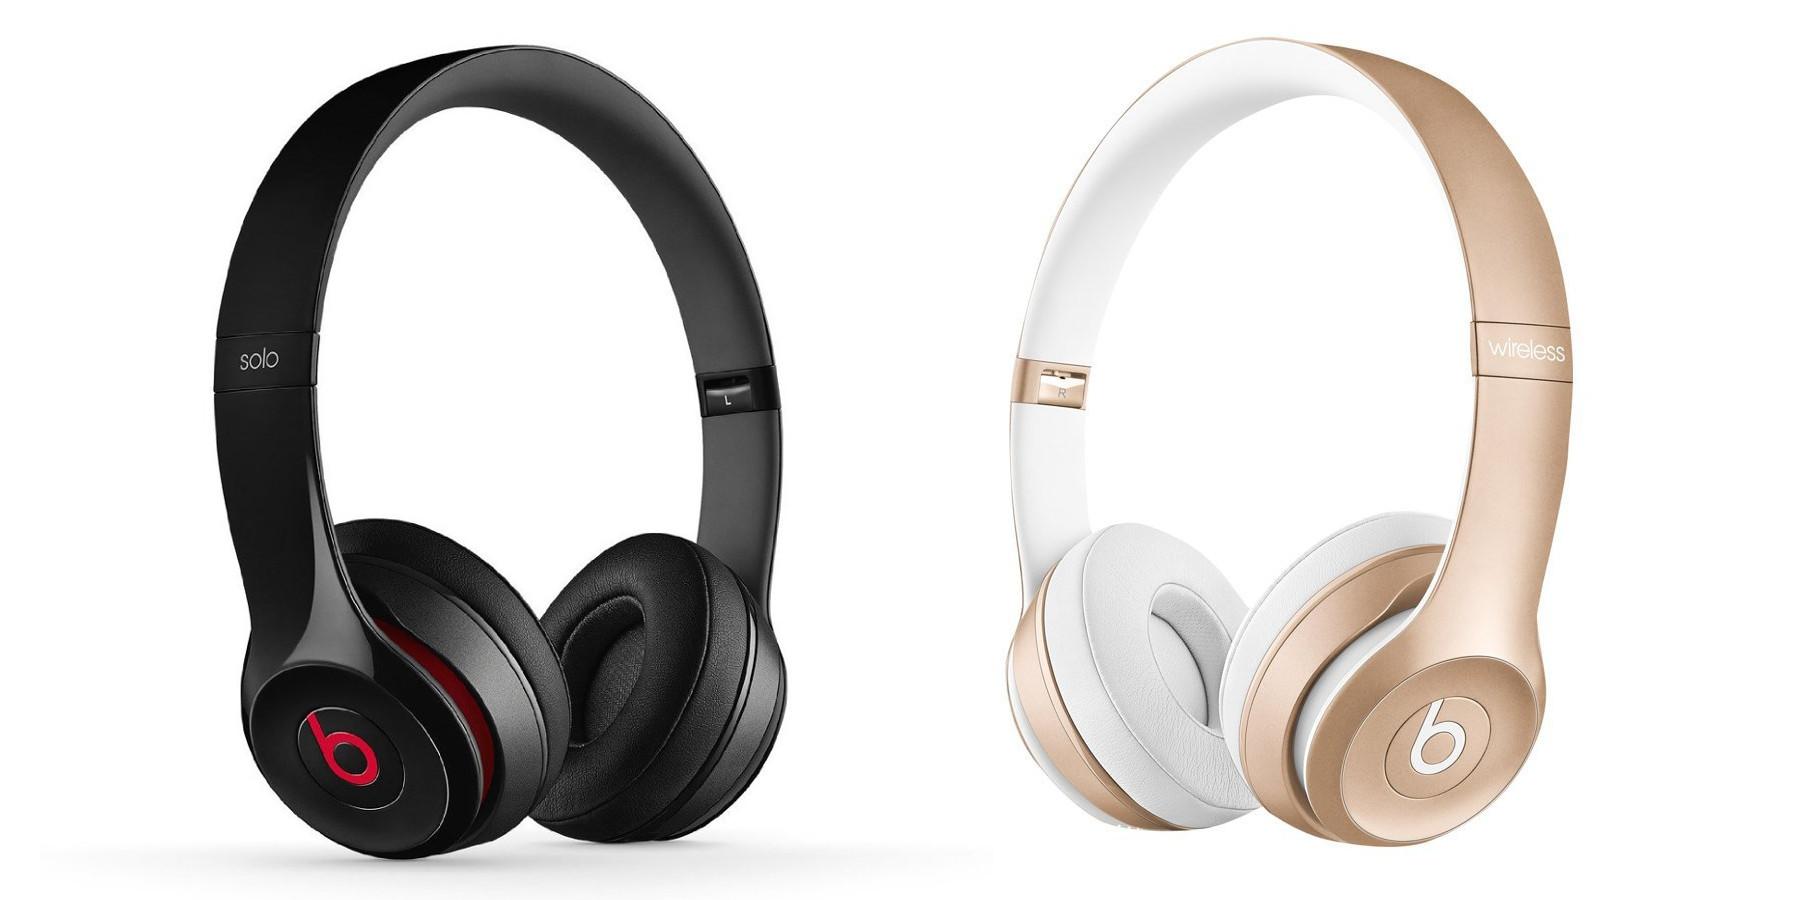 Beats Solo2 Wireless On-Ear Headphone2